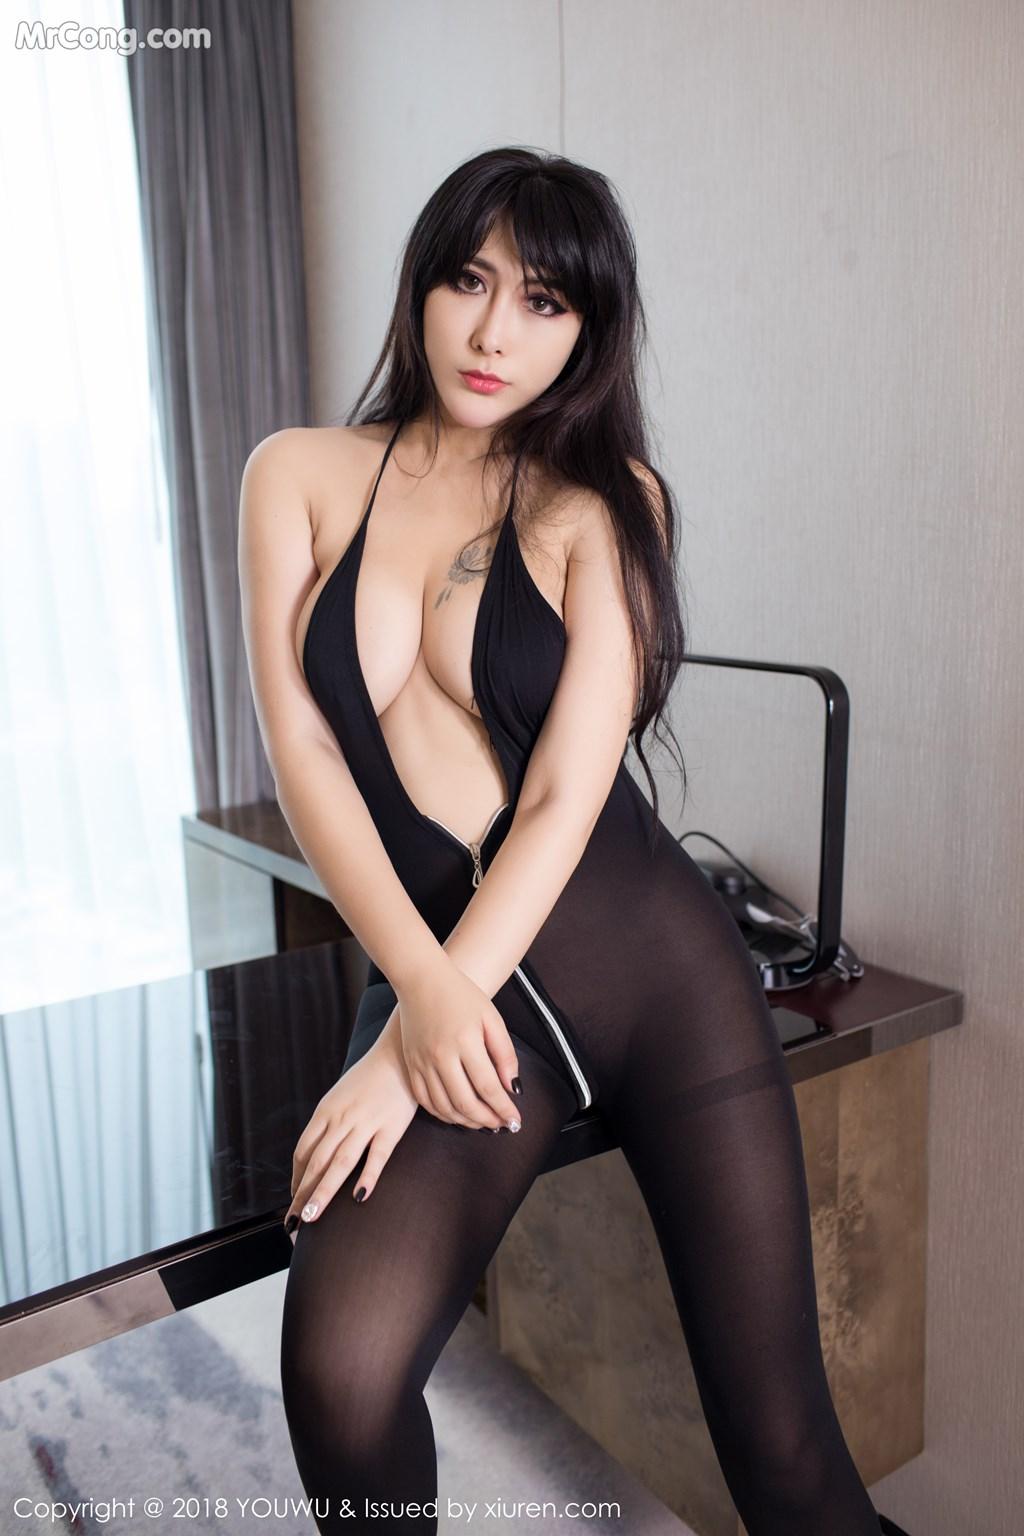 Image YouWu-Vol.113-FoxYini-MrCong.com-001 in post YouWu Vol.113: Người mẫu FoxYini (孟狐狸) (43 ảnh)